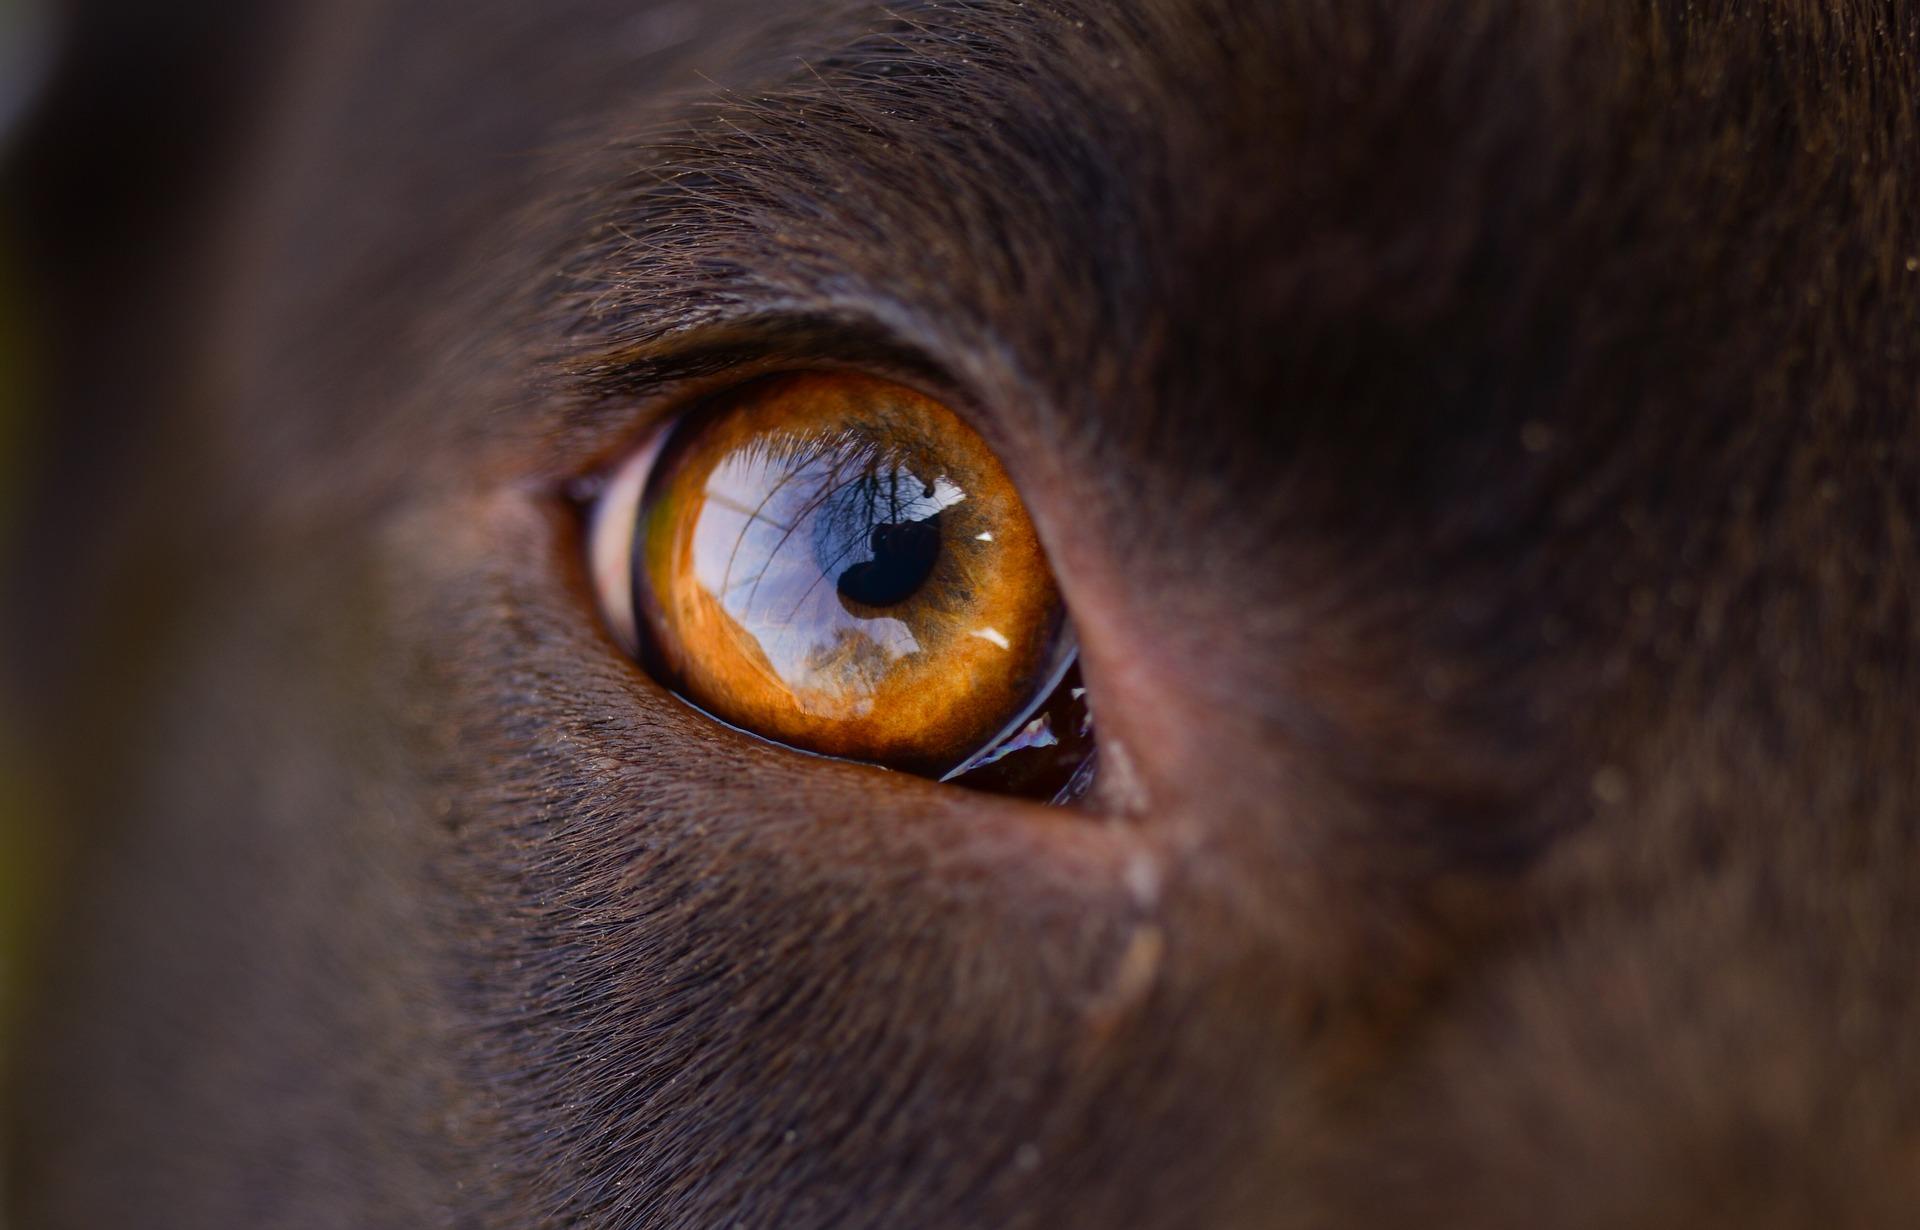 Rogówka oka psa jest bardzo duża. Duża powierzchnia pozwala na duży rozmiar źrenic, ci ułatwia widzenia w nocy i przy słabym świetle.